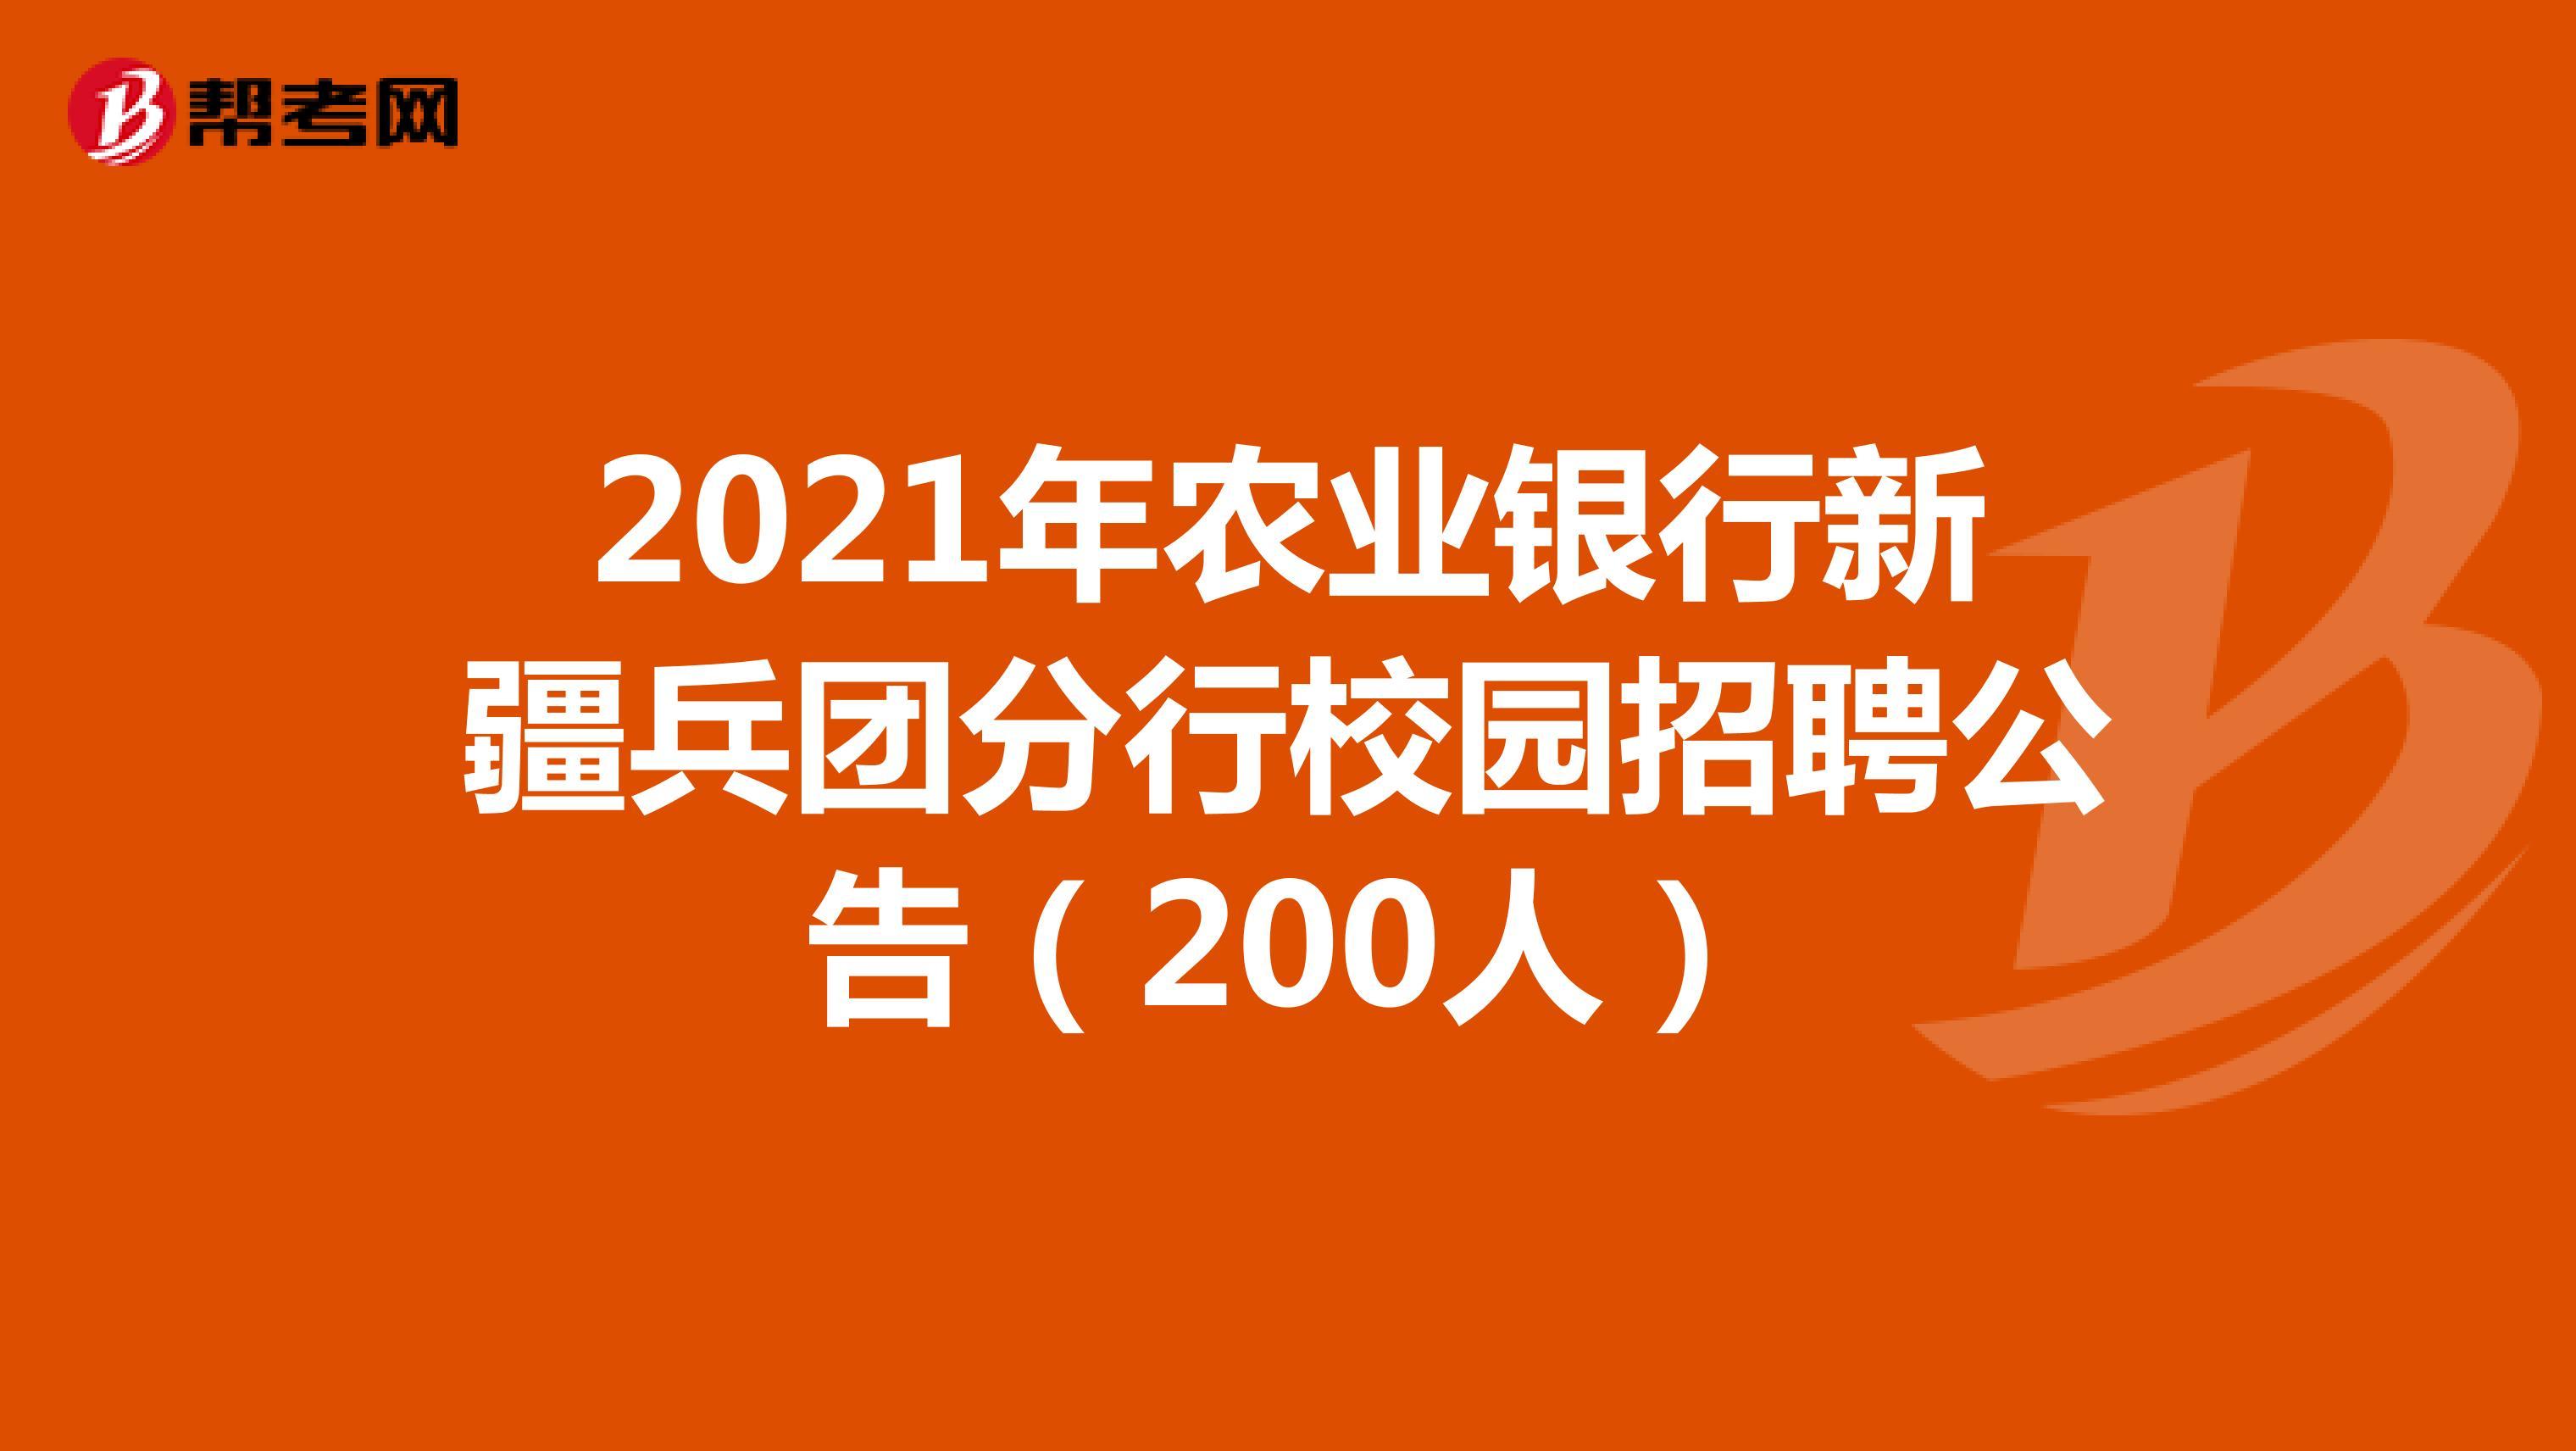 2021年农业银行新疆兵团分行校园招聘公告(200人)